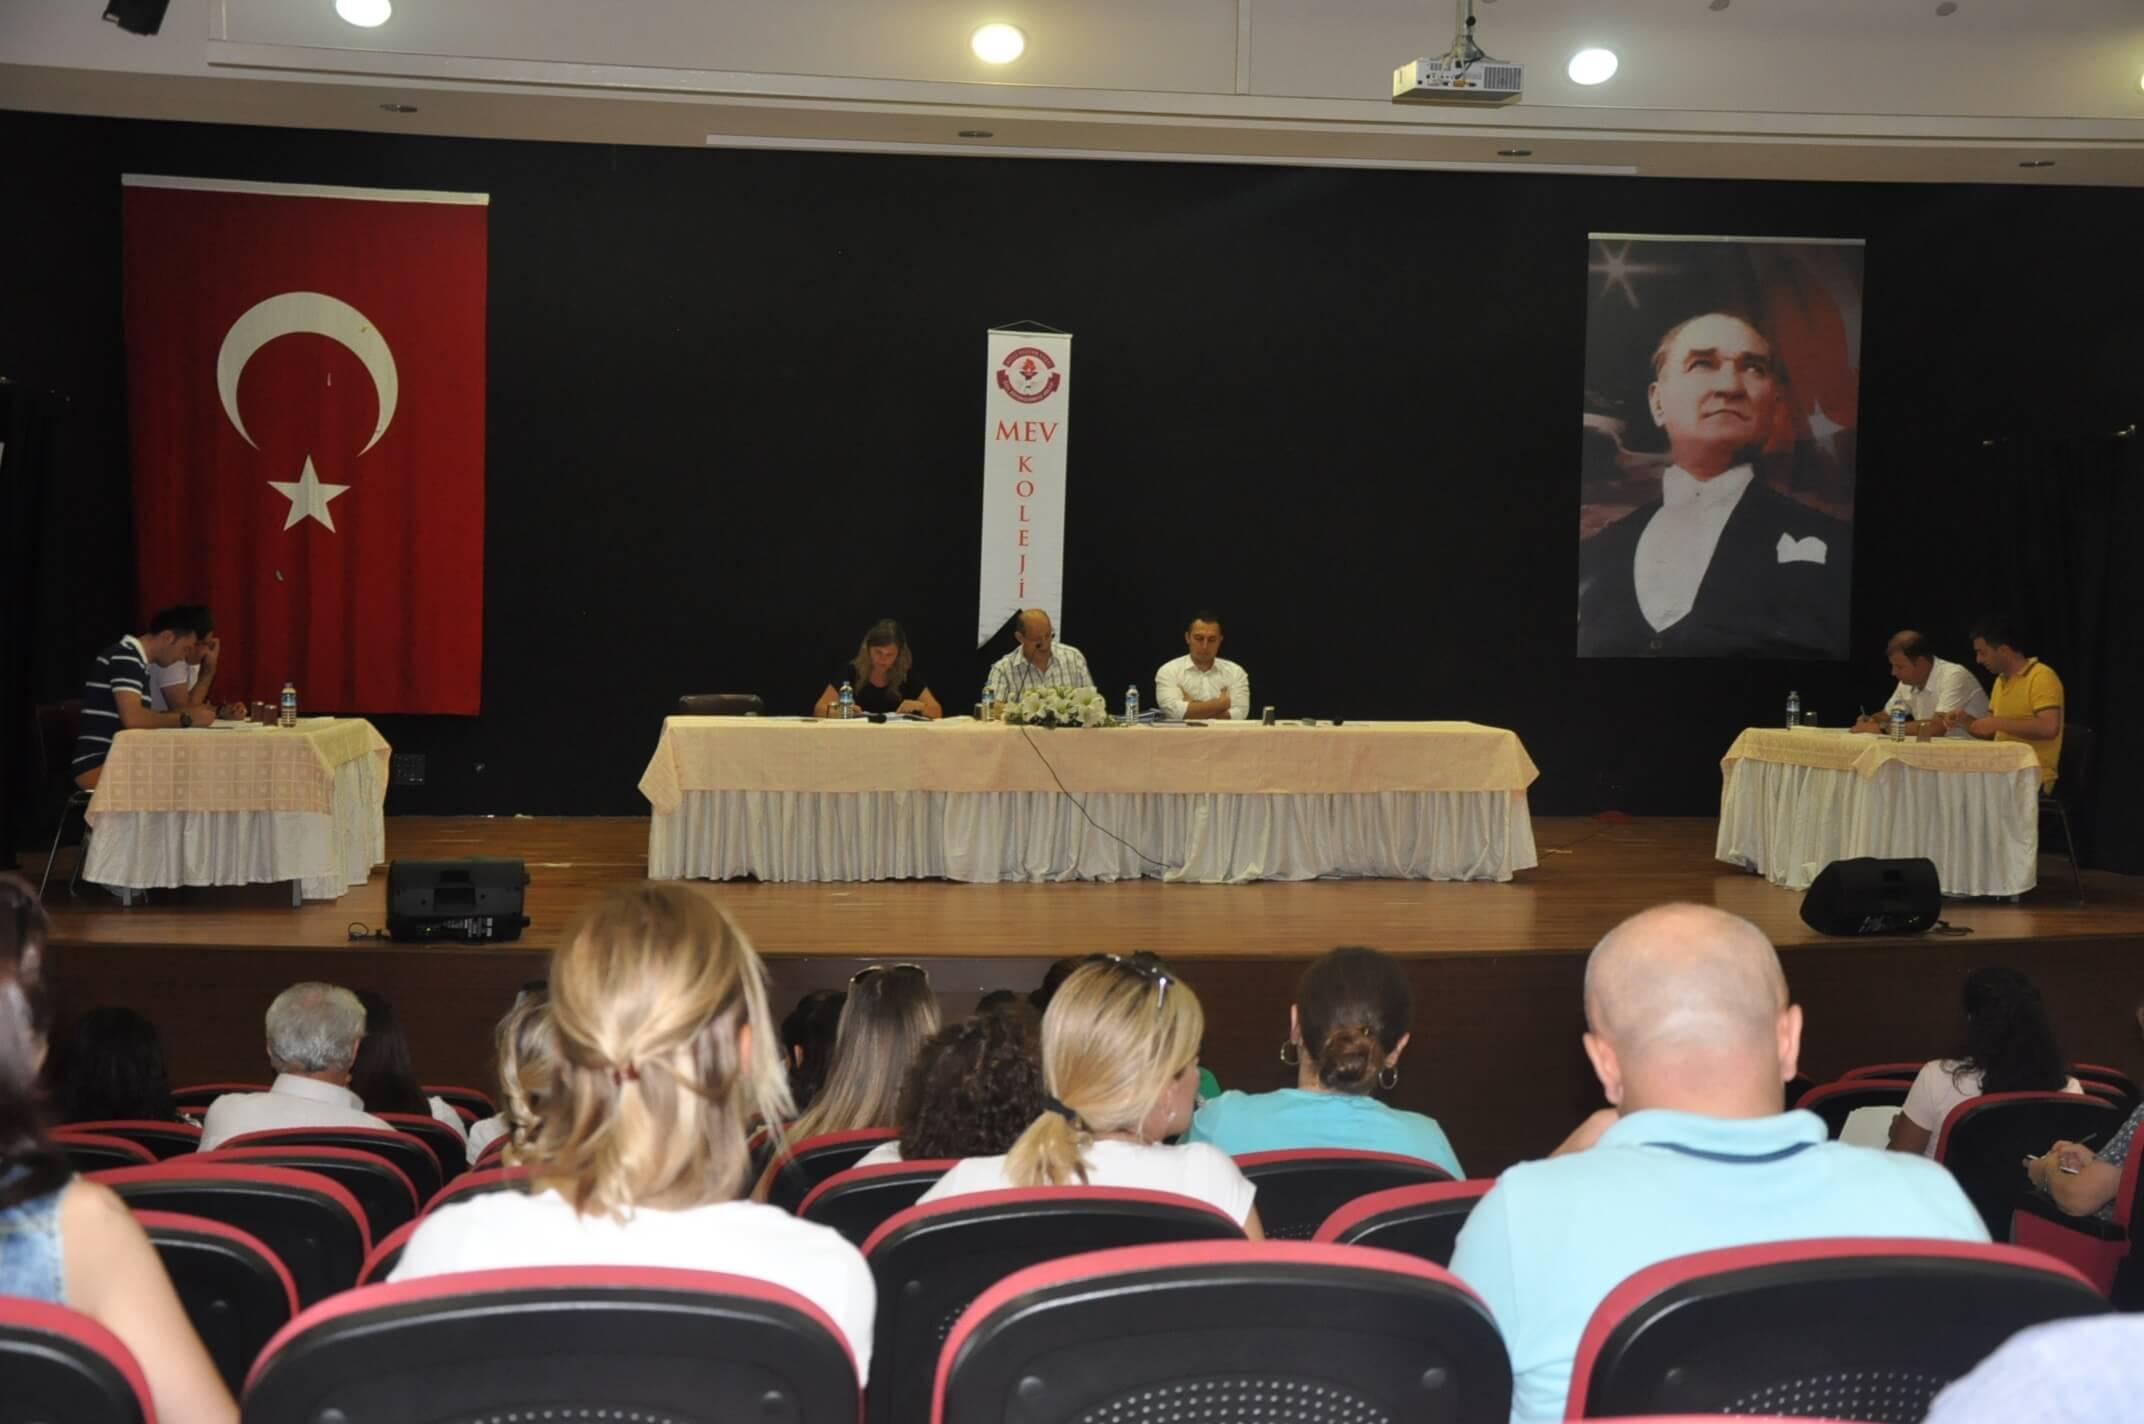 İlkokul-Ortaokul Yıl Sonu Öğretmenler Genel Kurul Toplantısı Gerçekleşti